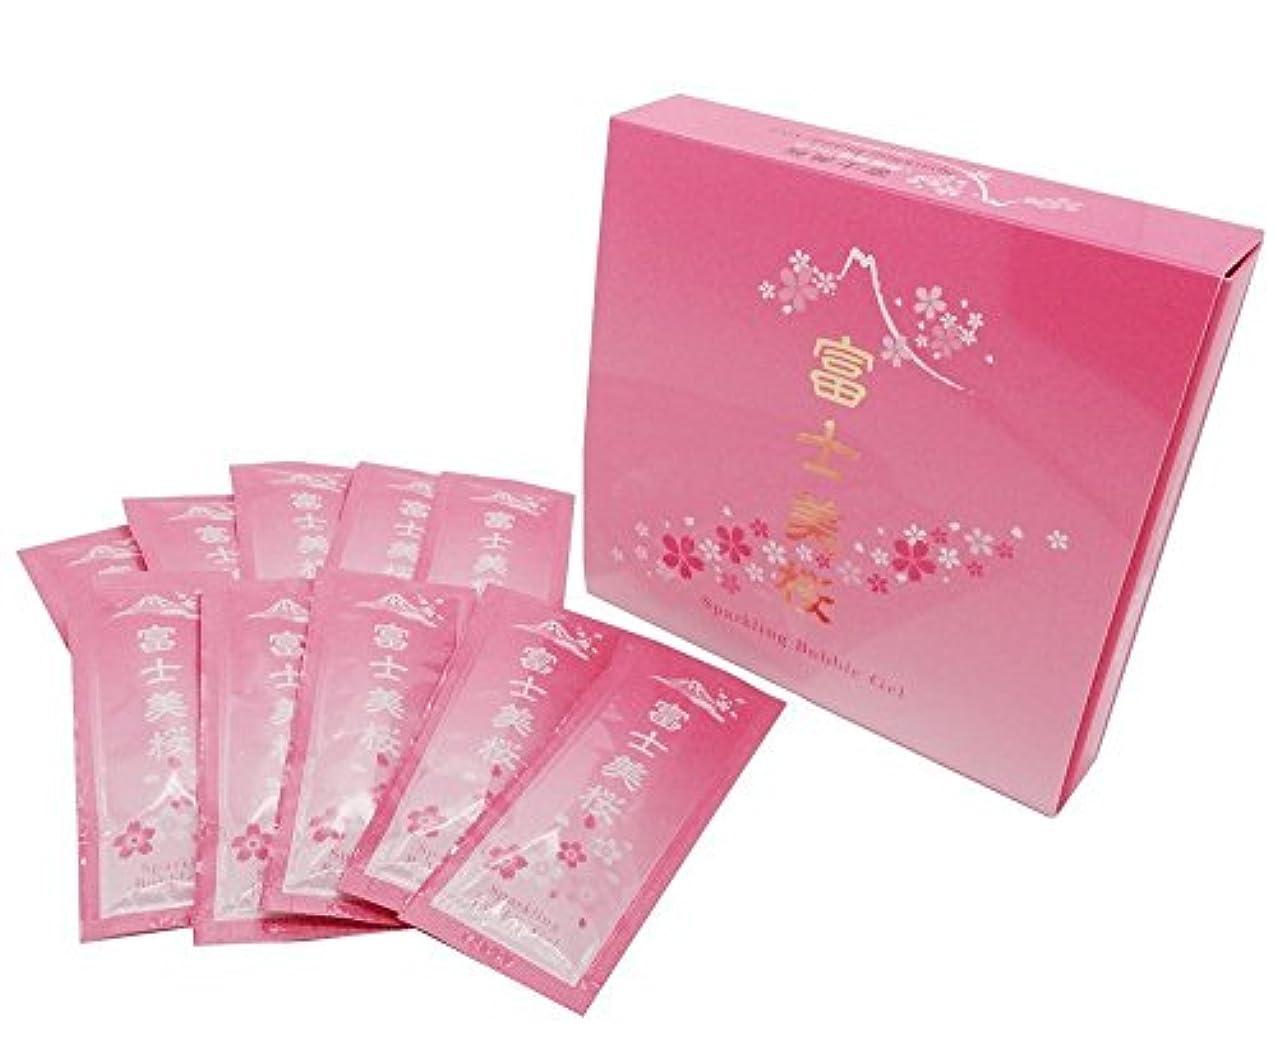 赤道障害者要件富士美桜 炭酸パック 10g×10袋入り ジェルパック 1袋使い切り 洗い流すタイプ